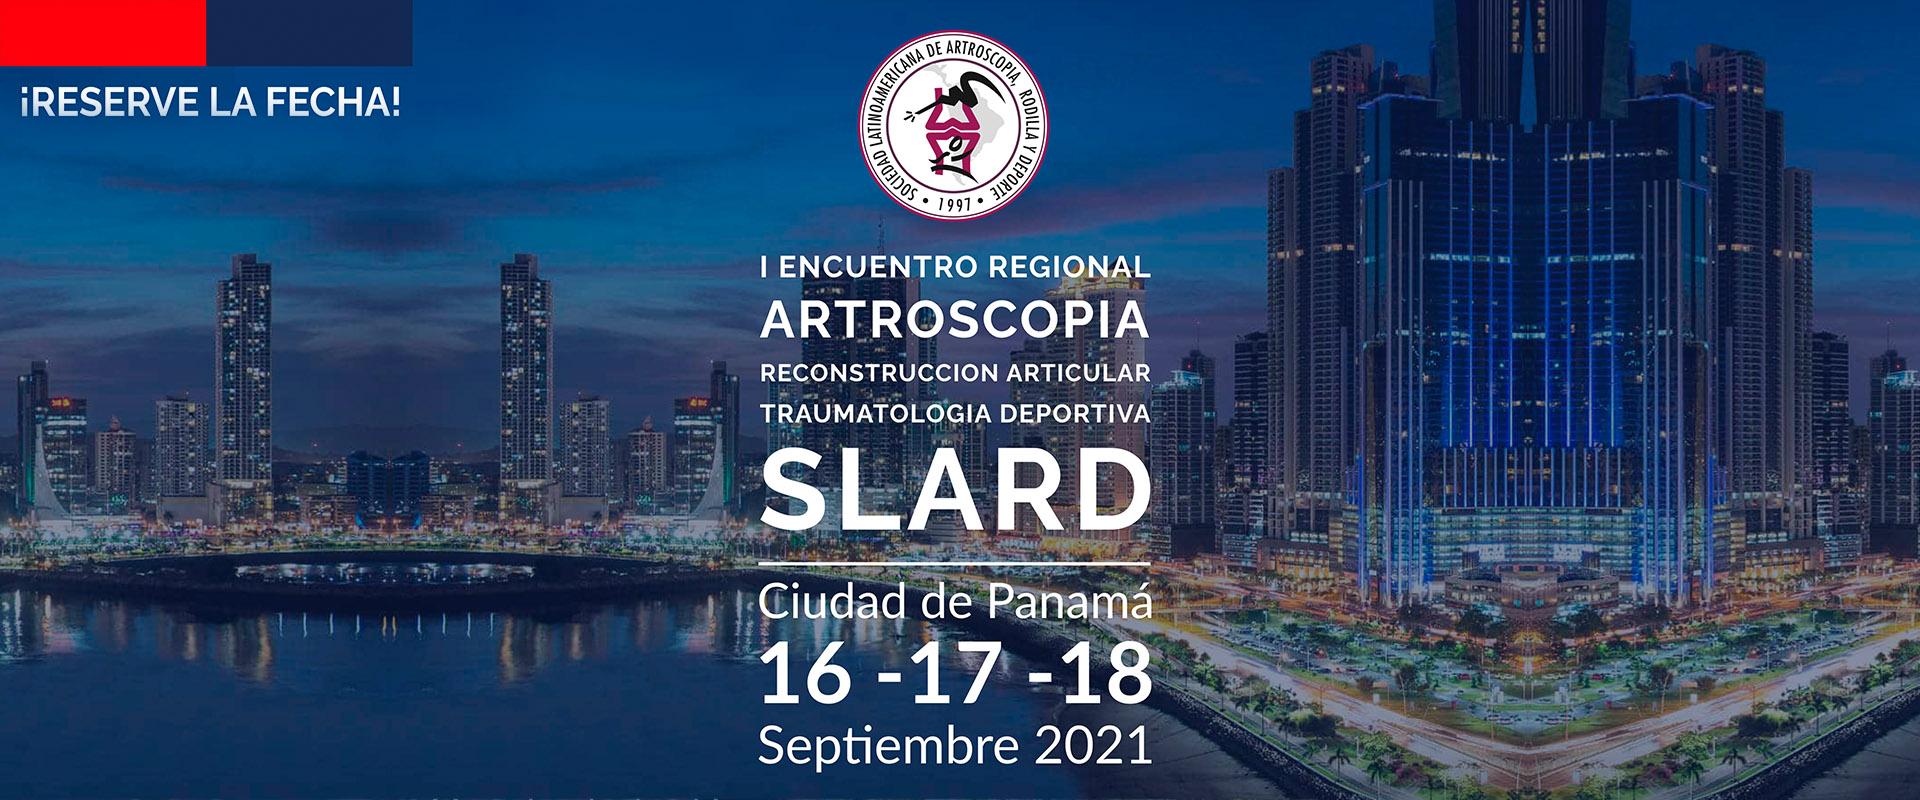 Encuentro Regional Artroscopía